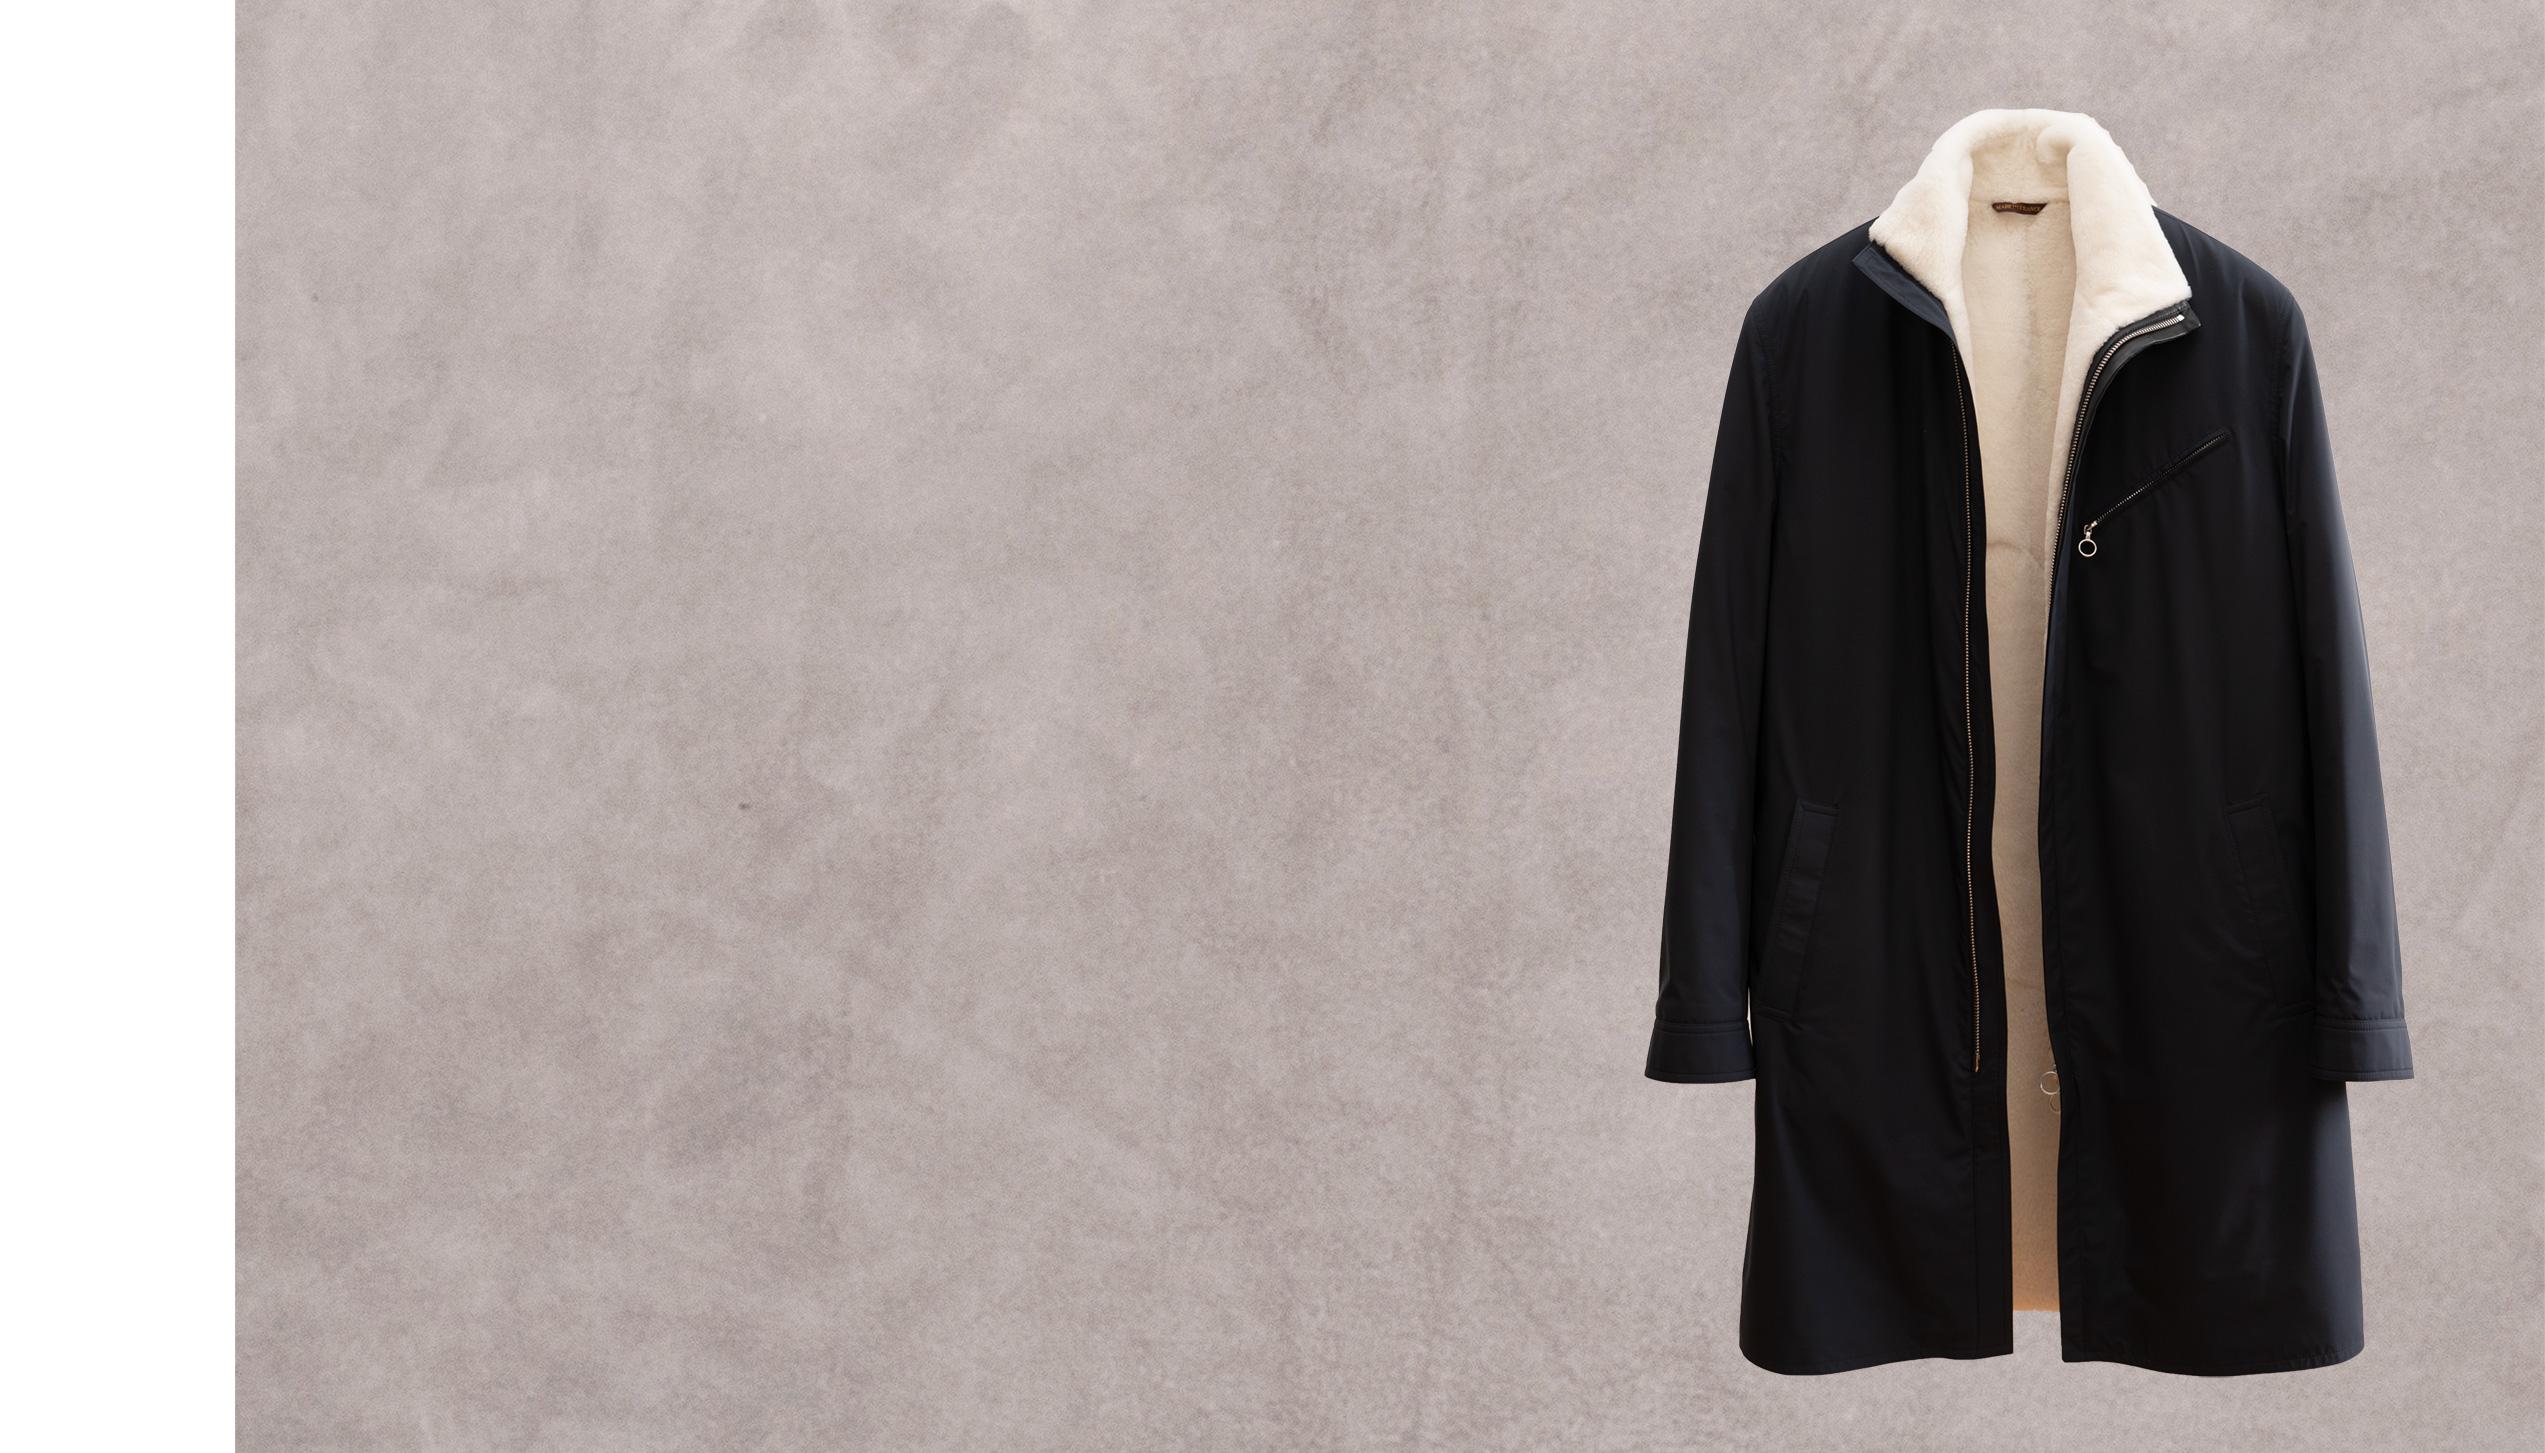 Quai des brumes 100 – Navy kimono nylon lined with white nutria fur